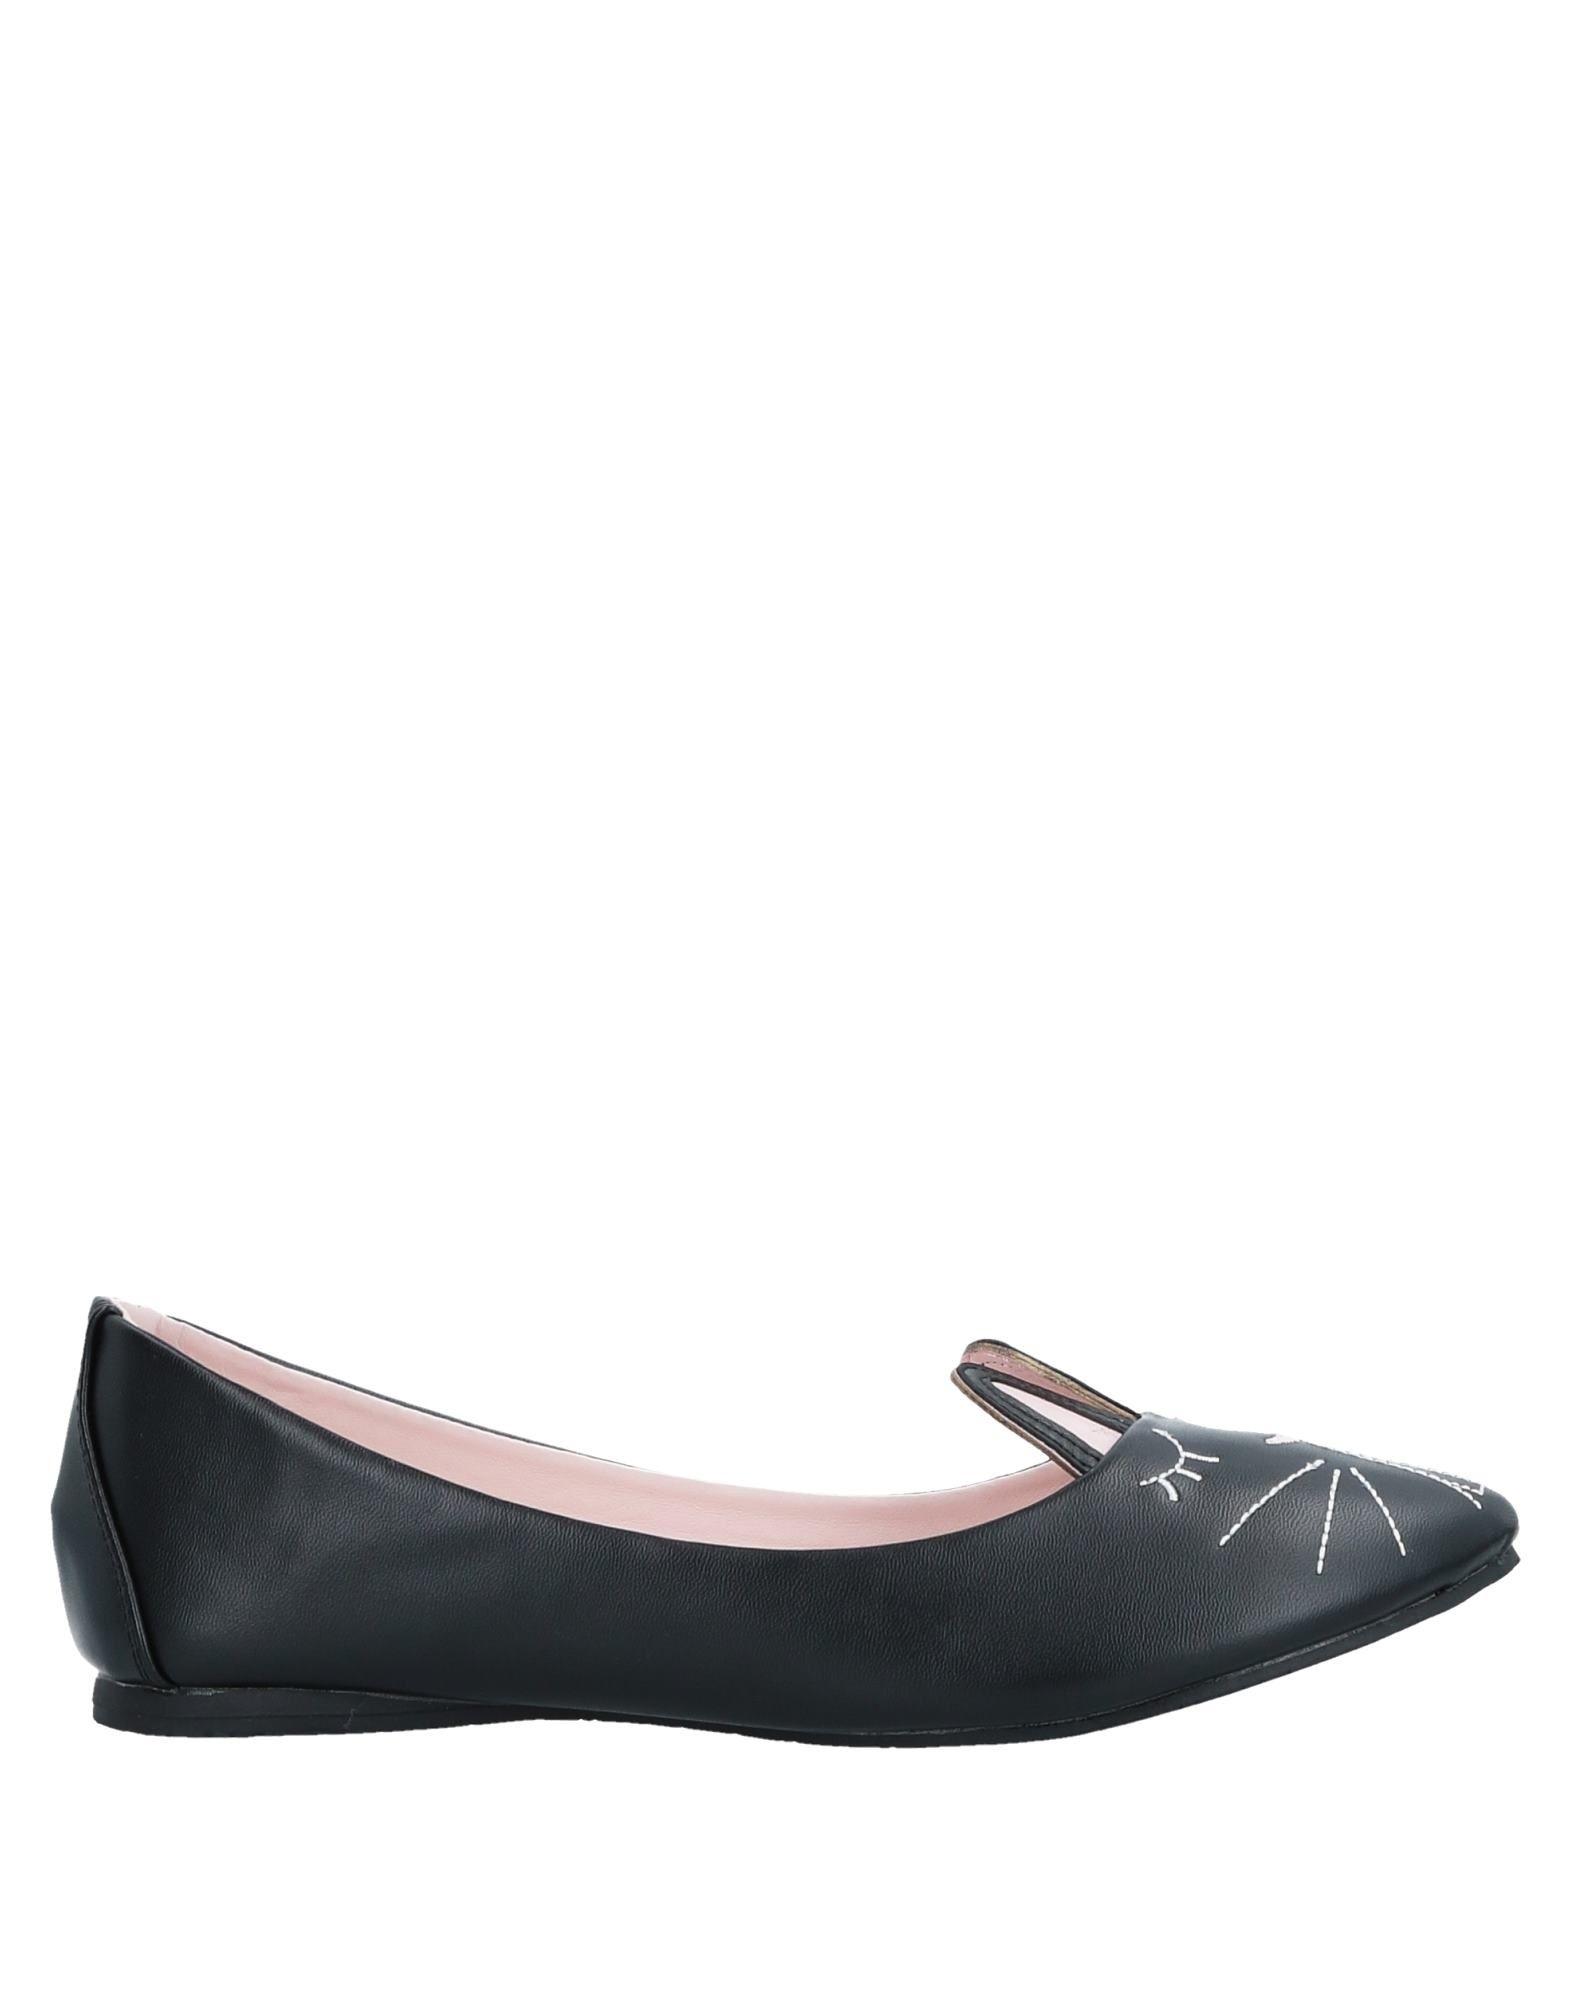 T.U.K Ballerinas Damen  11522383SB Gute Qualität beliebte Schuhe